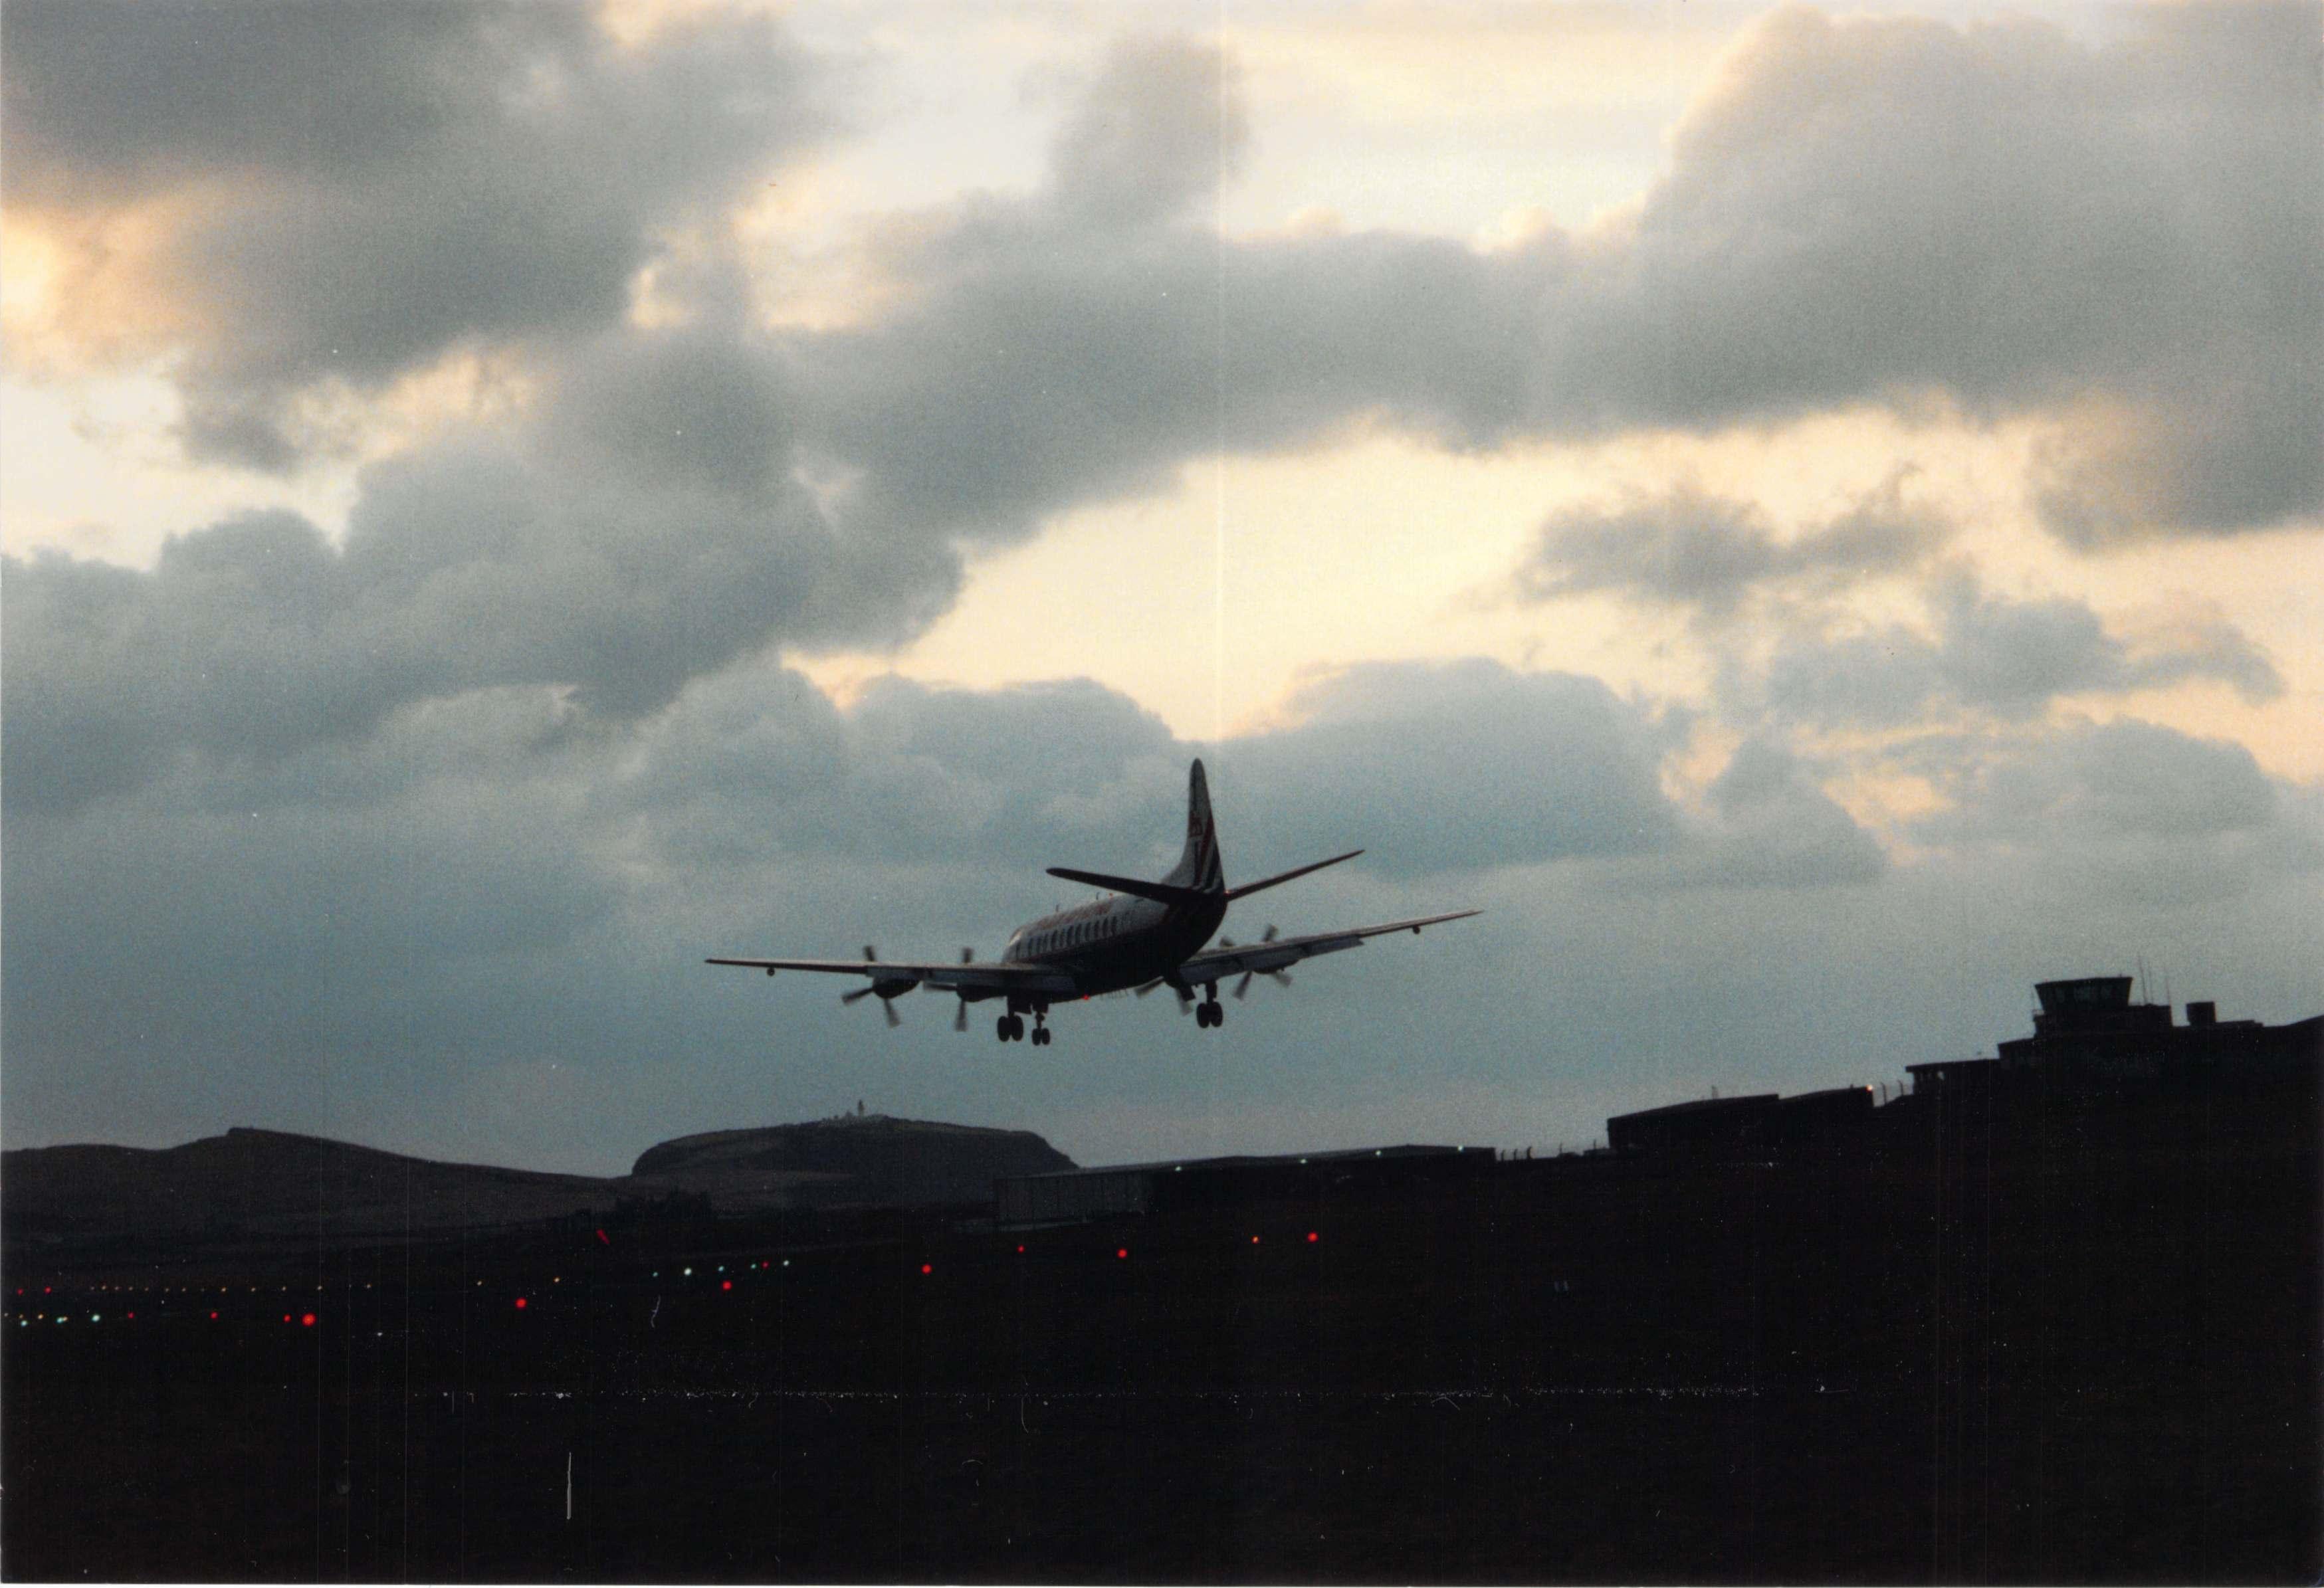 Viscount PB15 arr